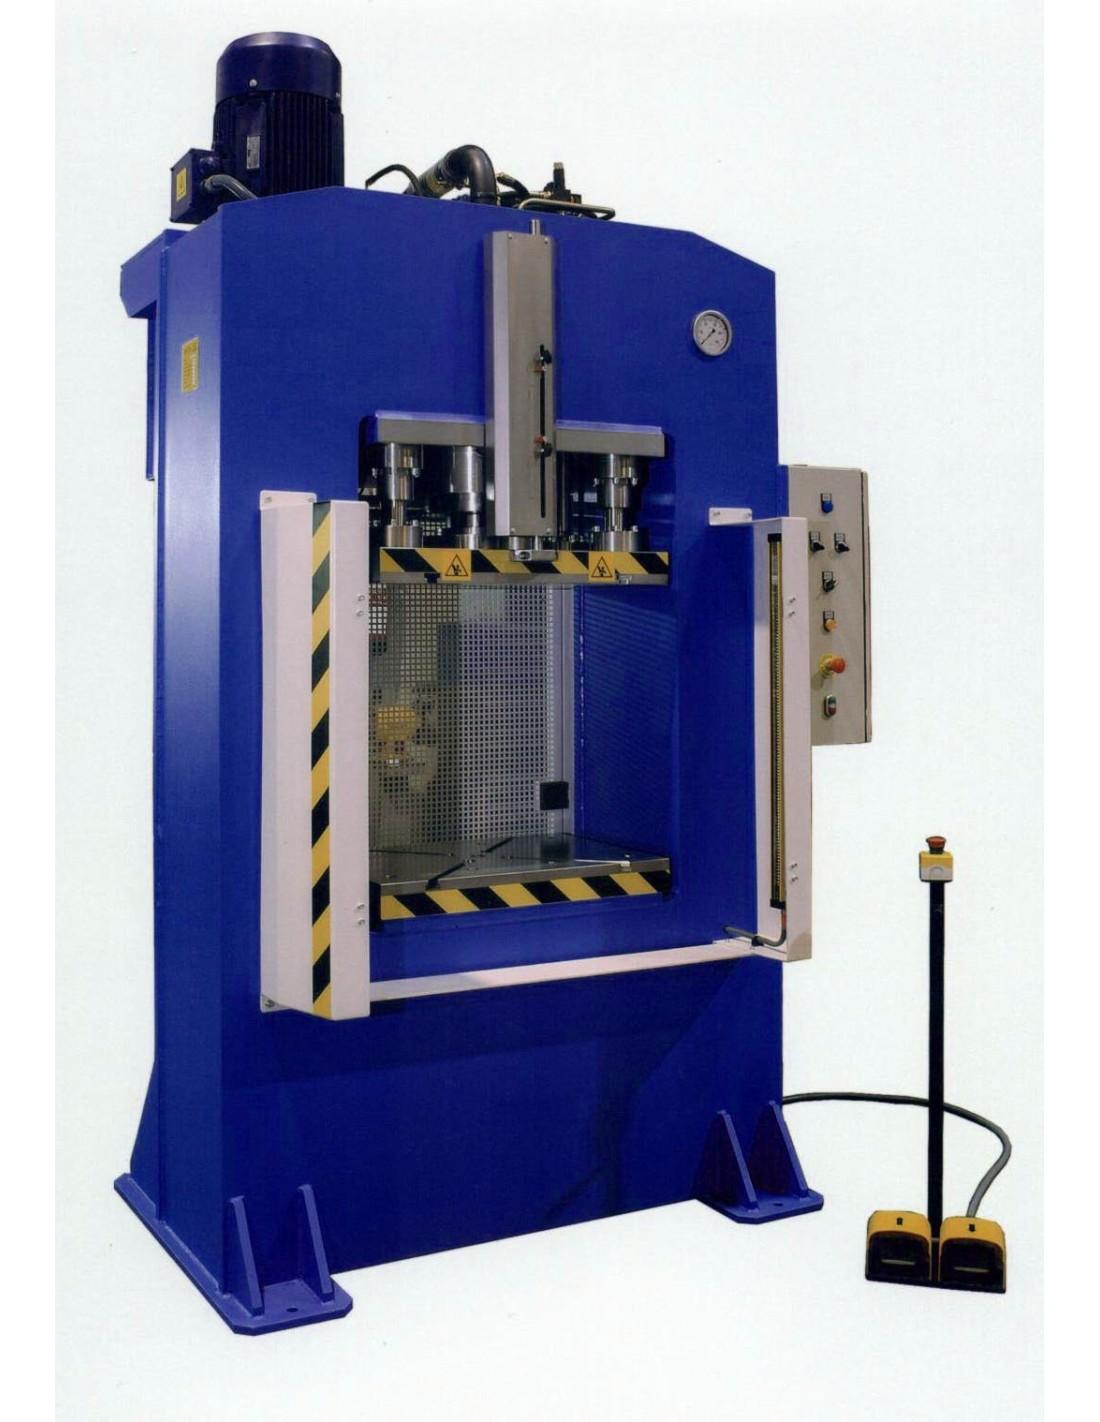 Presa hidraulica cu cadru arc RHTC RM-300